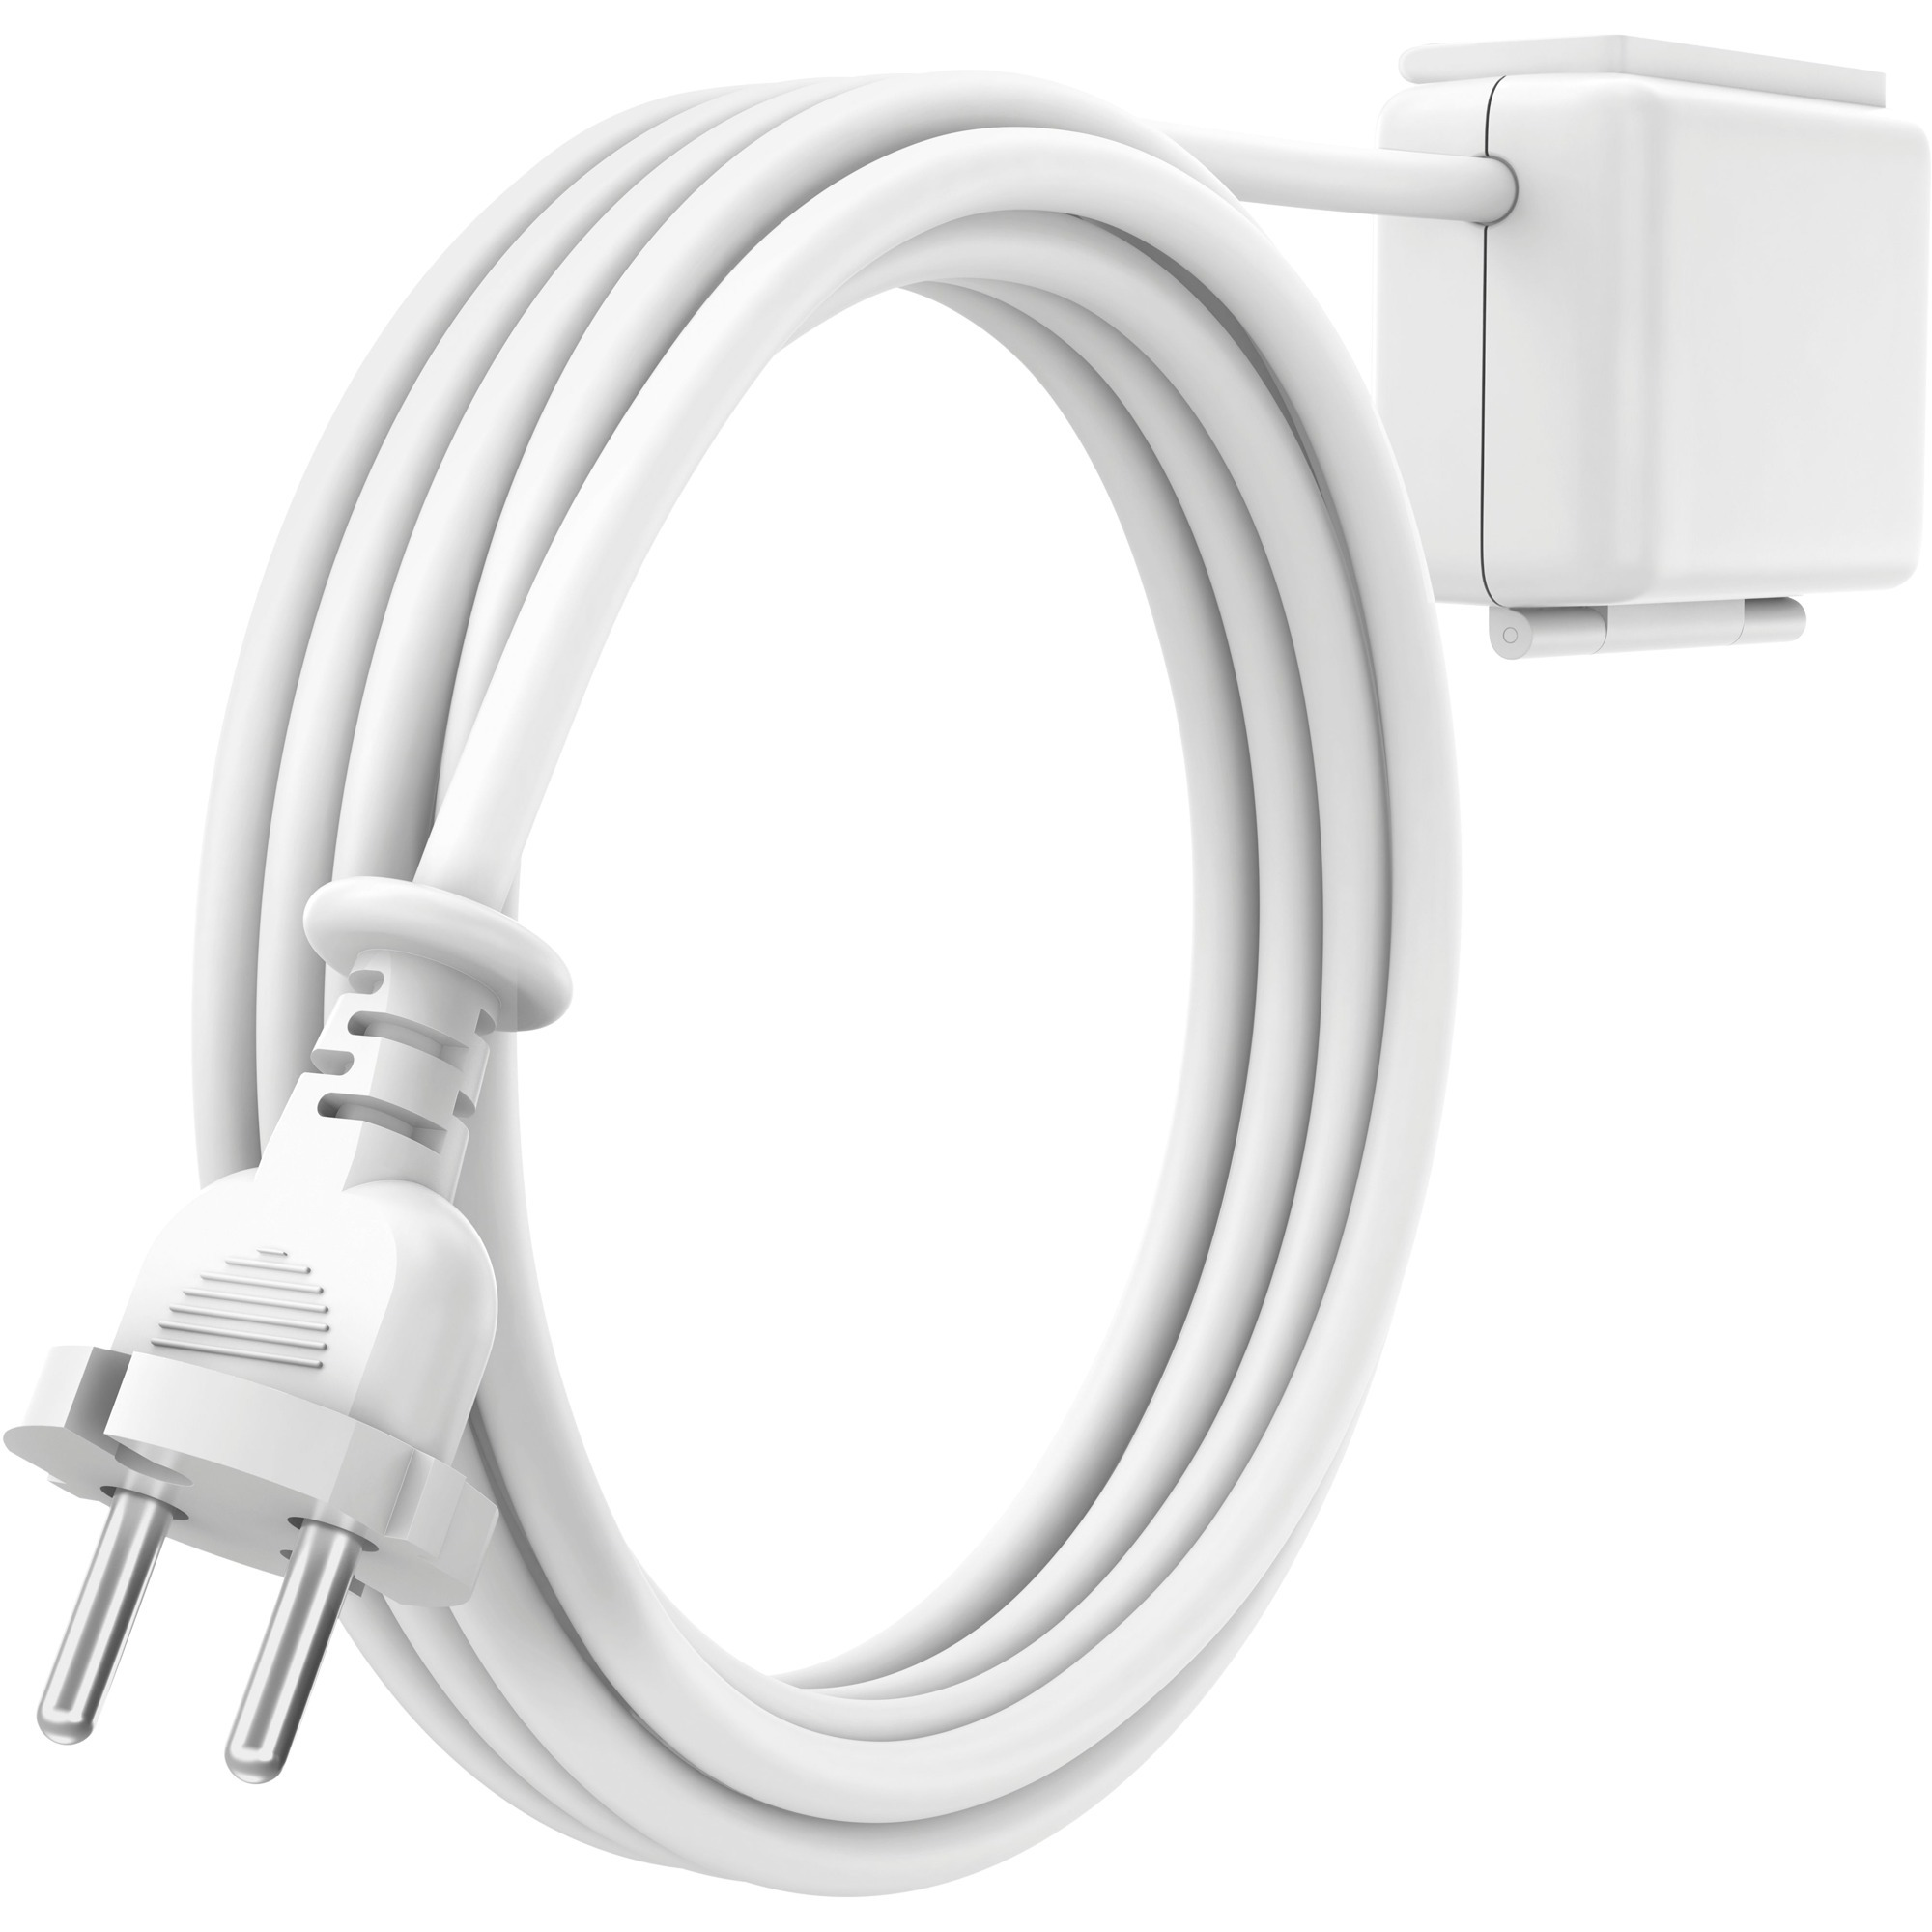 961-000439 cámaras de seguridad y montaje para vivienda Sistema de alimentación, Cable